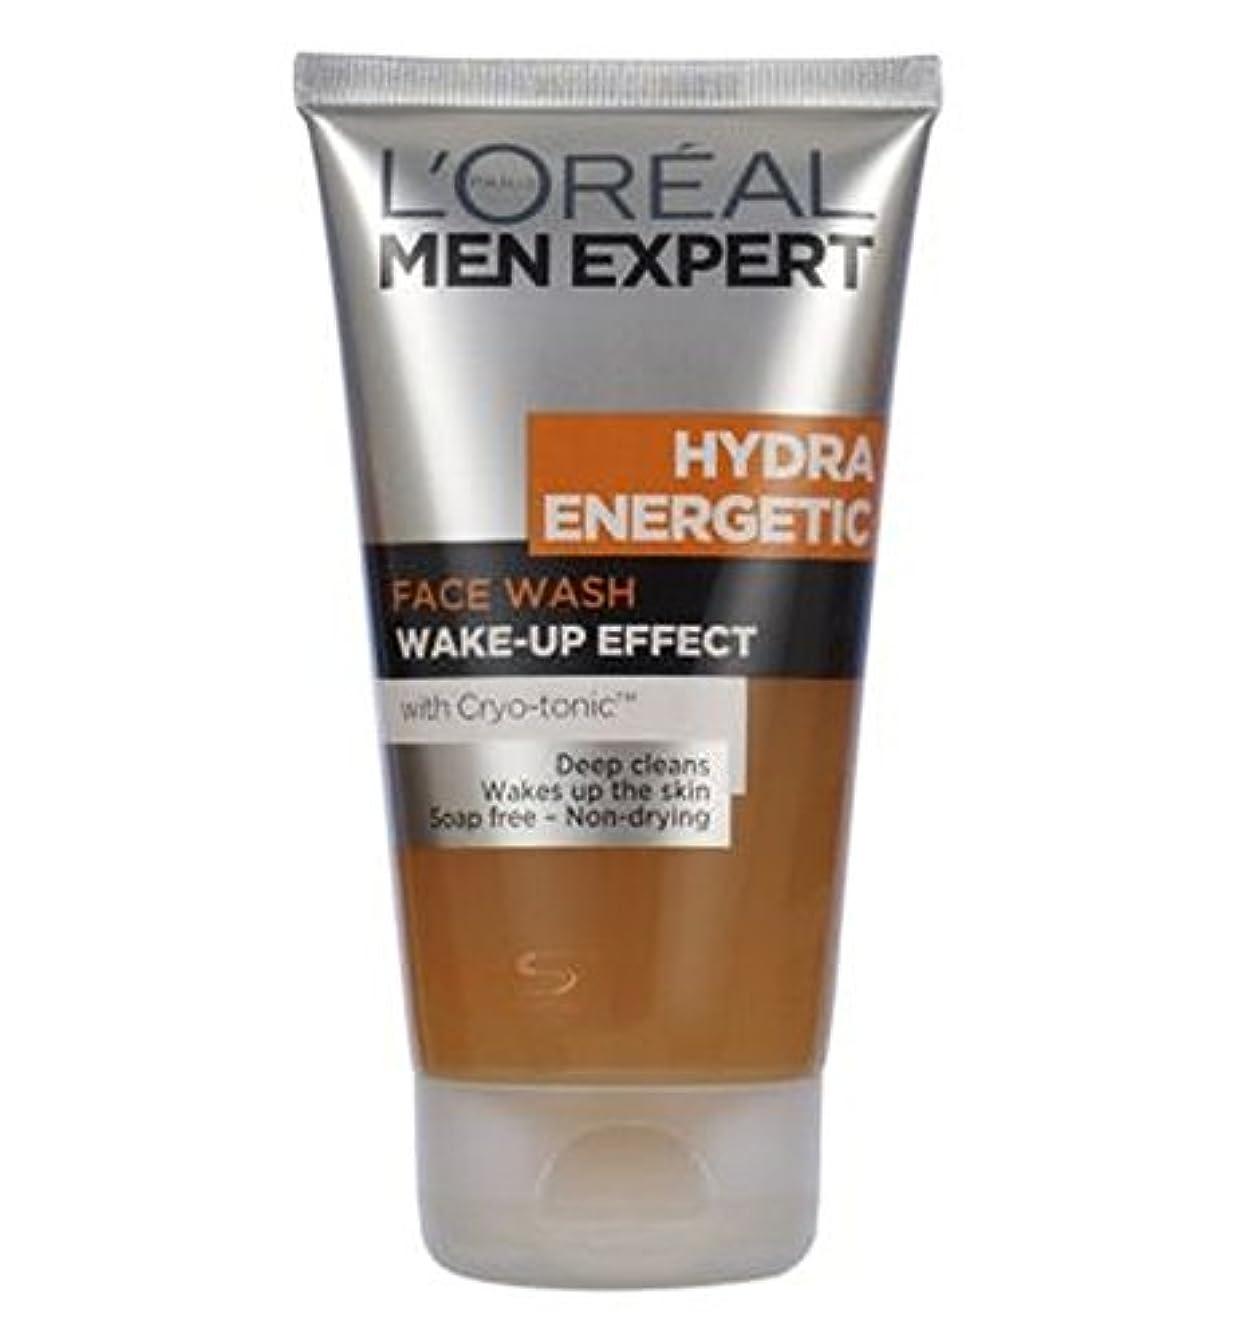 好奇心透明に高速道路L'Oreal Men Expert Hydra Energetic Face Wash 150ml - ロレアルの男性の専門家ヒドラエネルギッシュな洗顔150ミリリットル (L'Oreal) [並行輸入品]